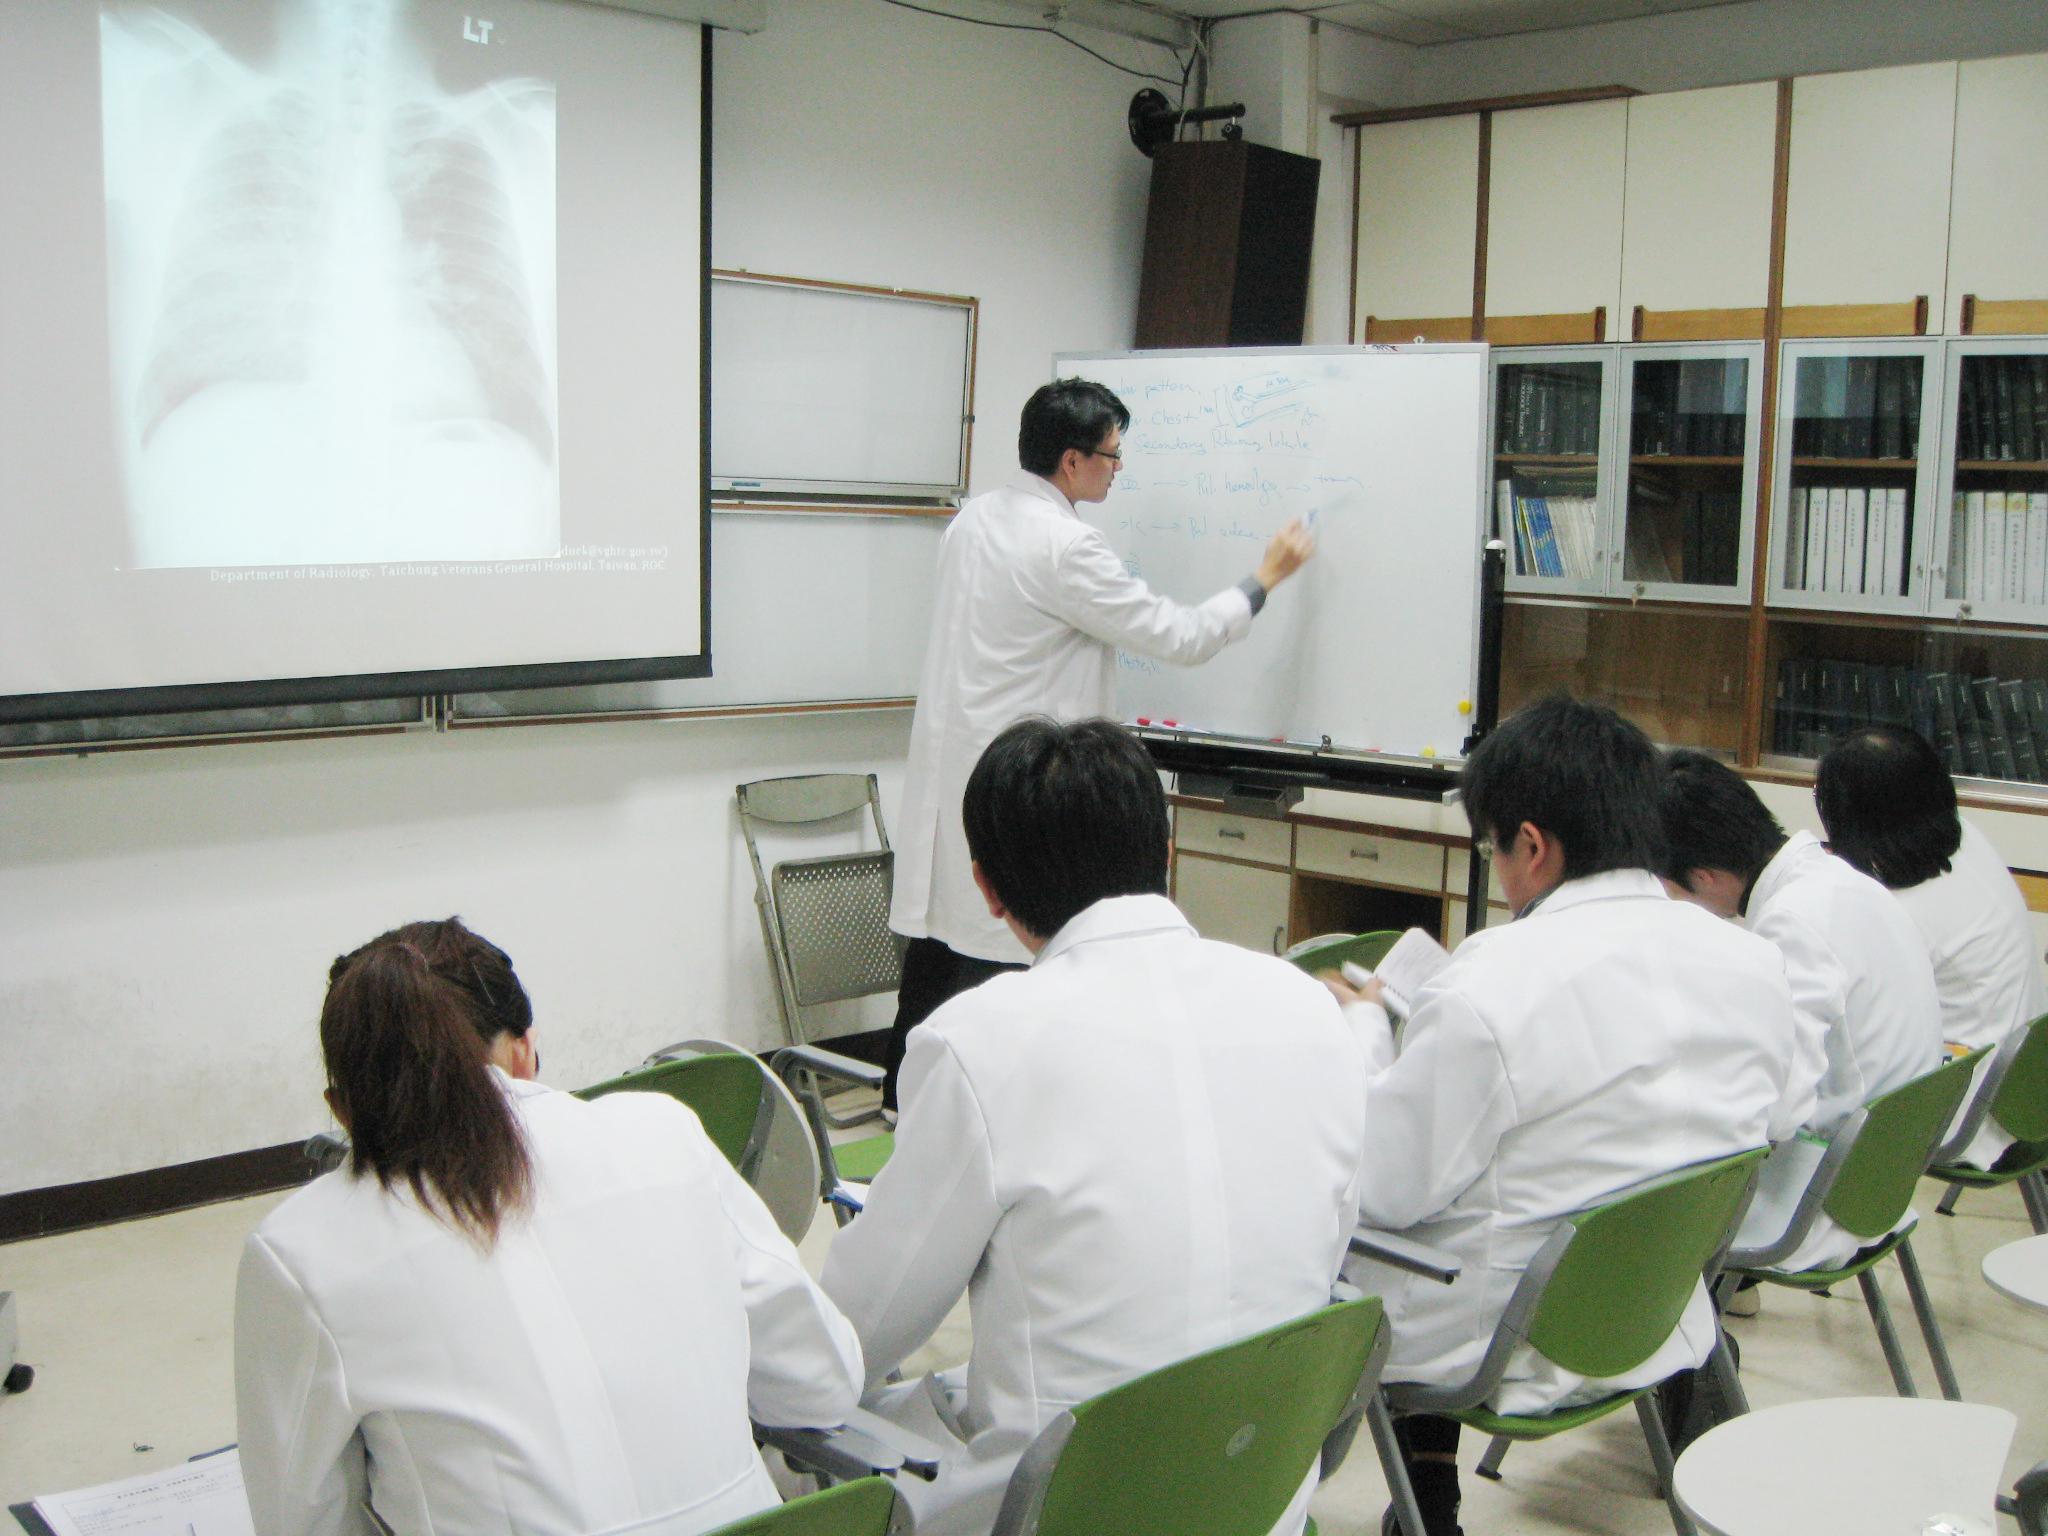 蔡依橙醫師指導實習醫師